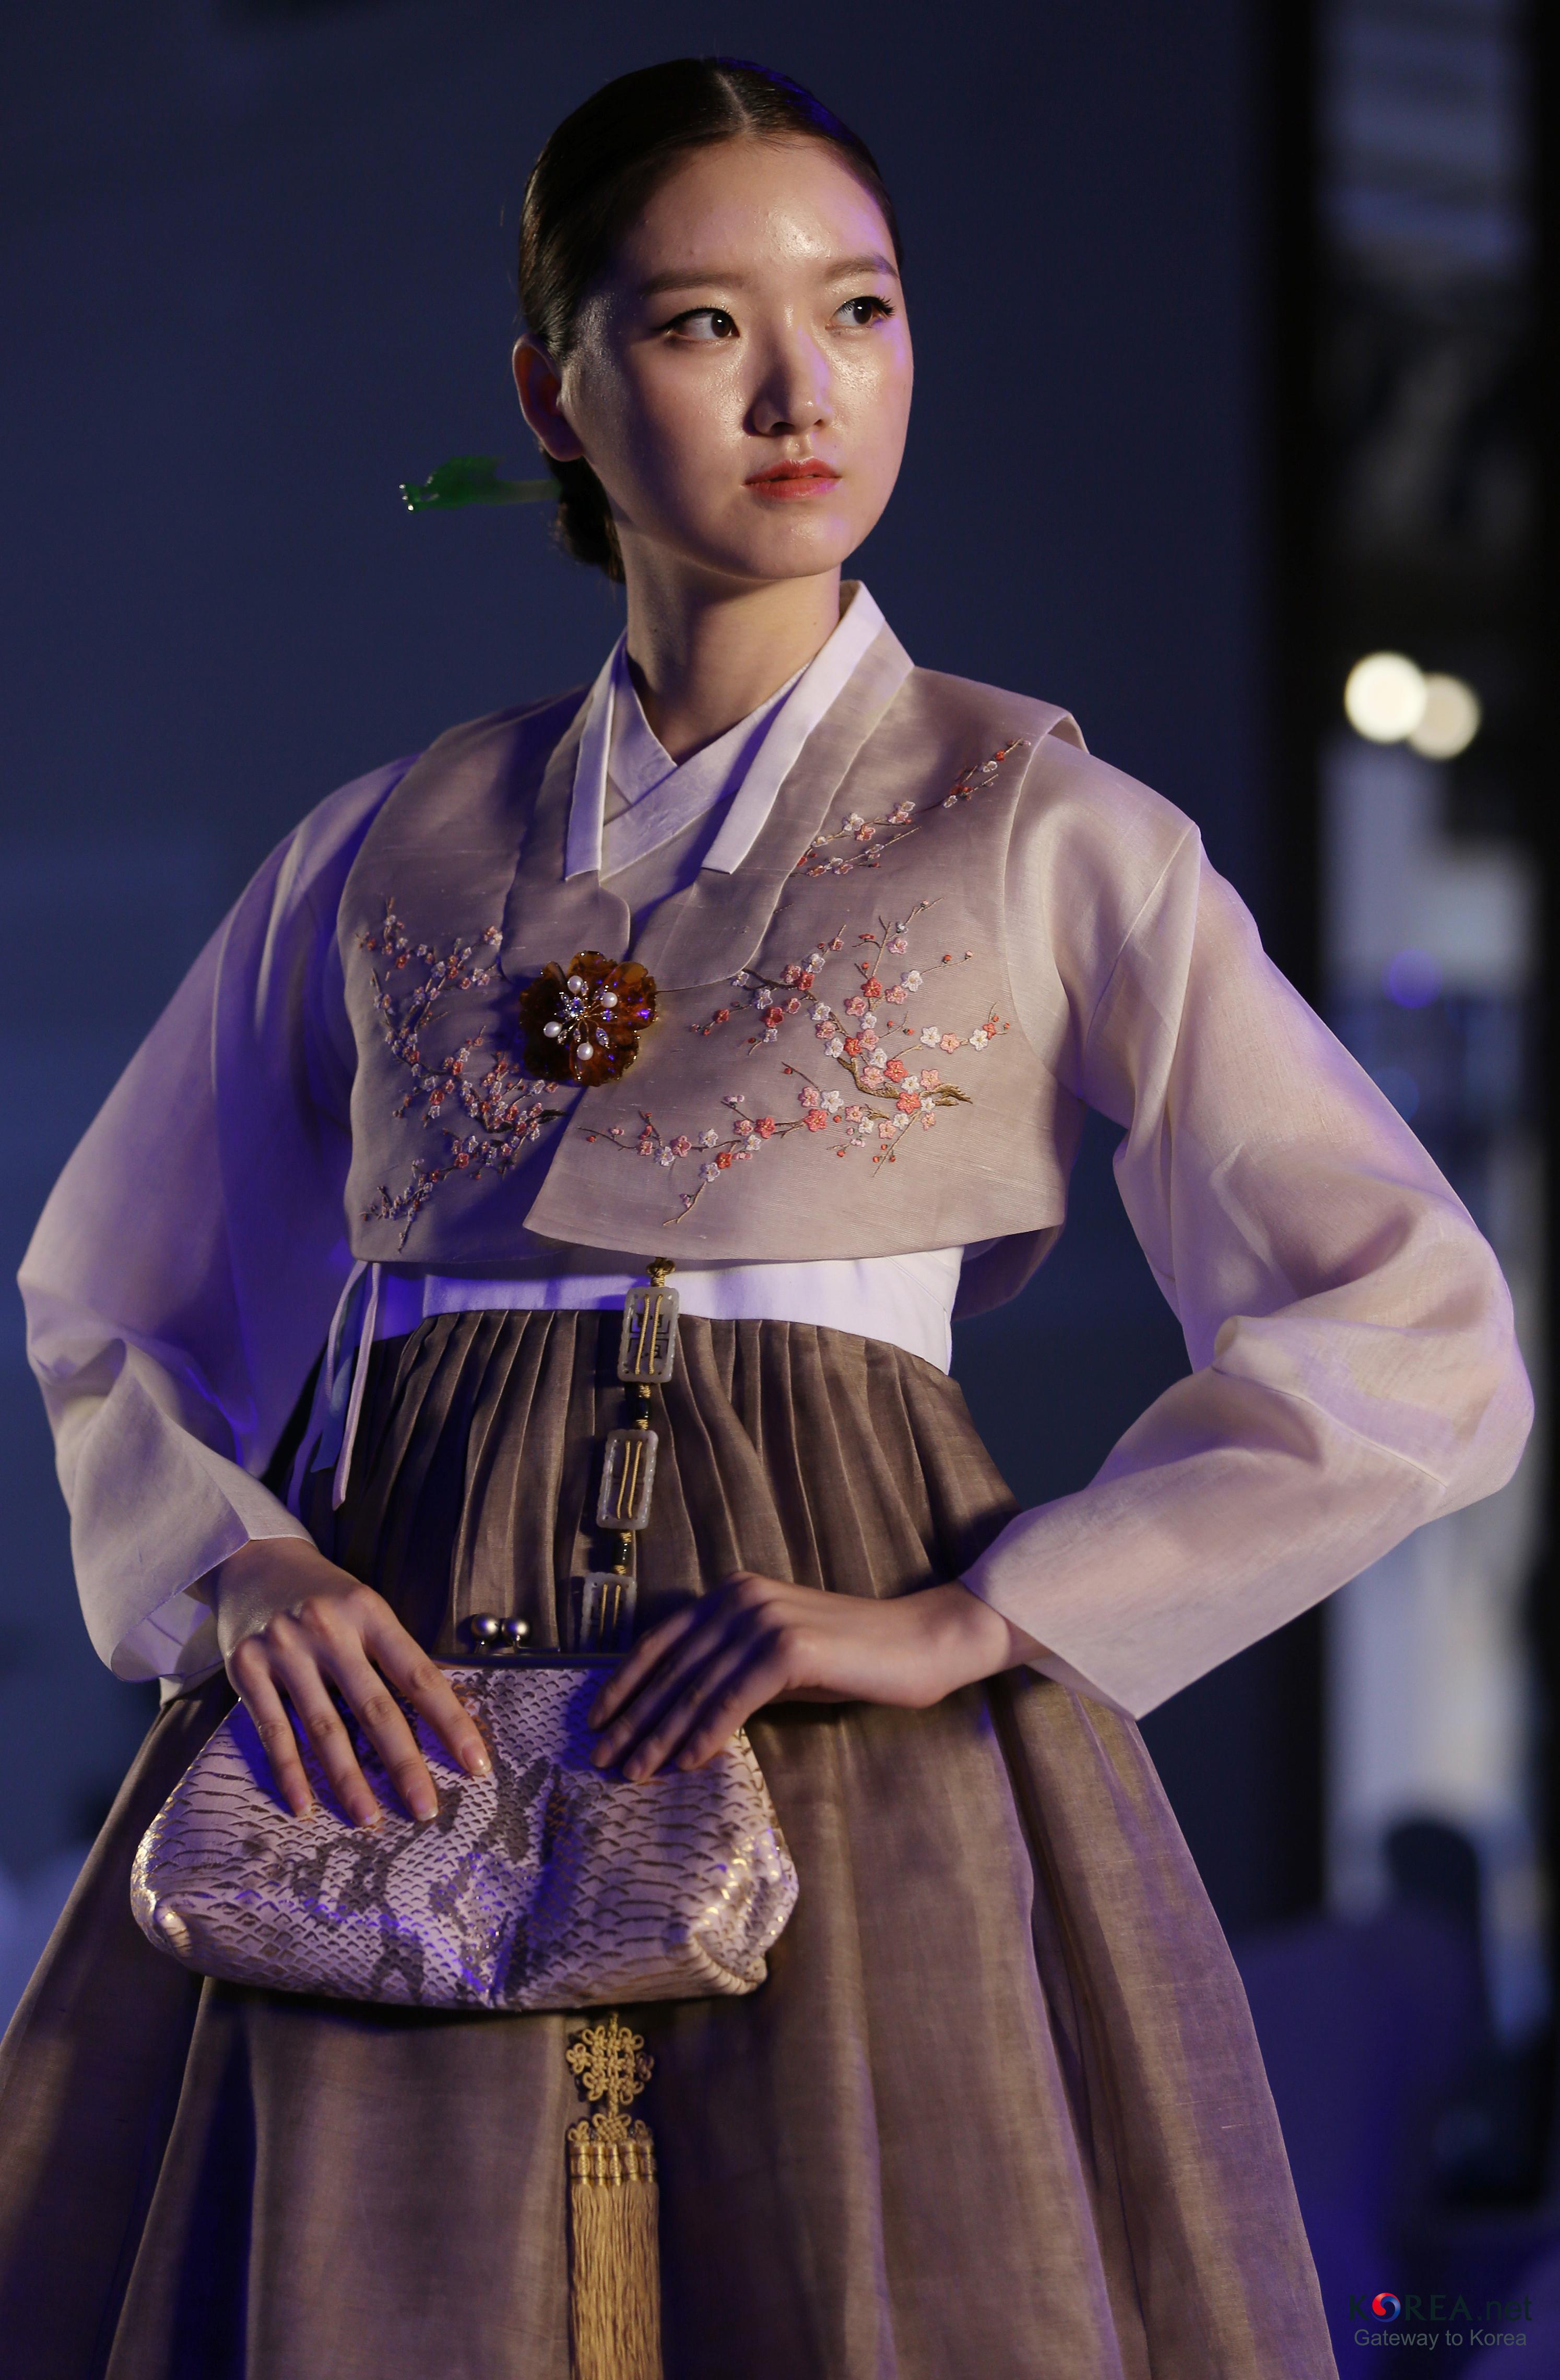 filekocis korea hanbokaodai fashionshow 13 9766165882